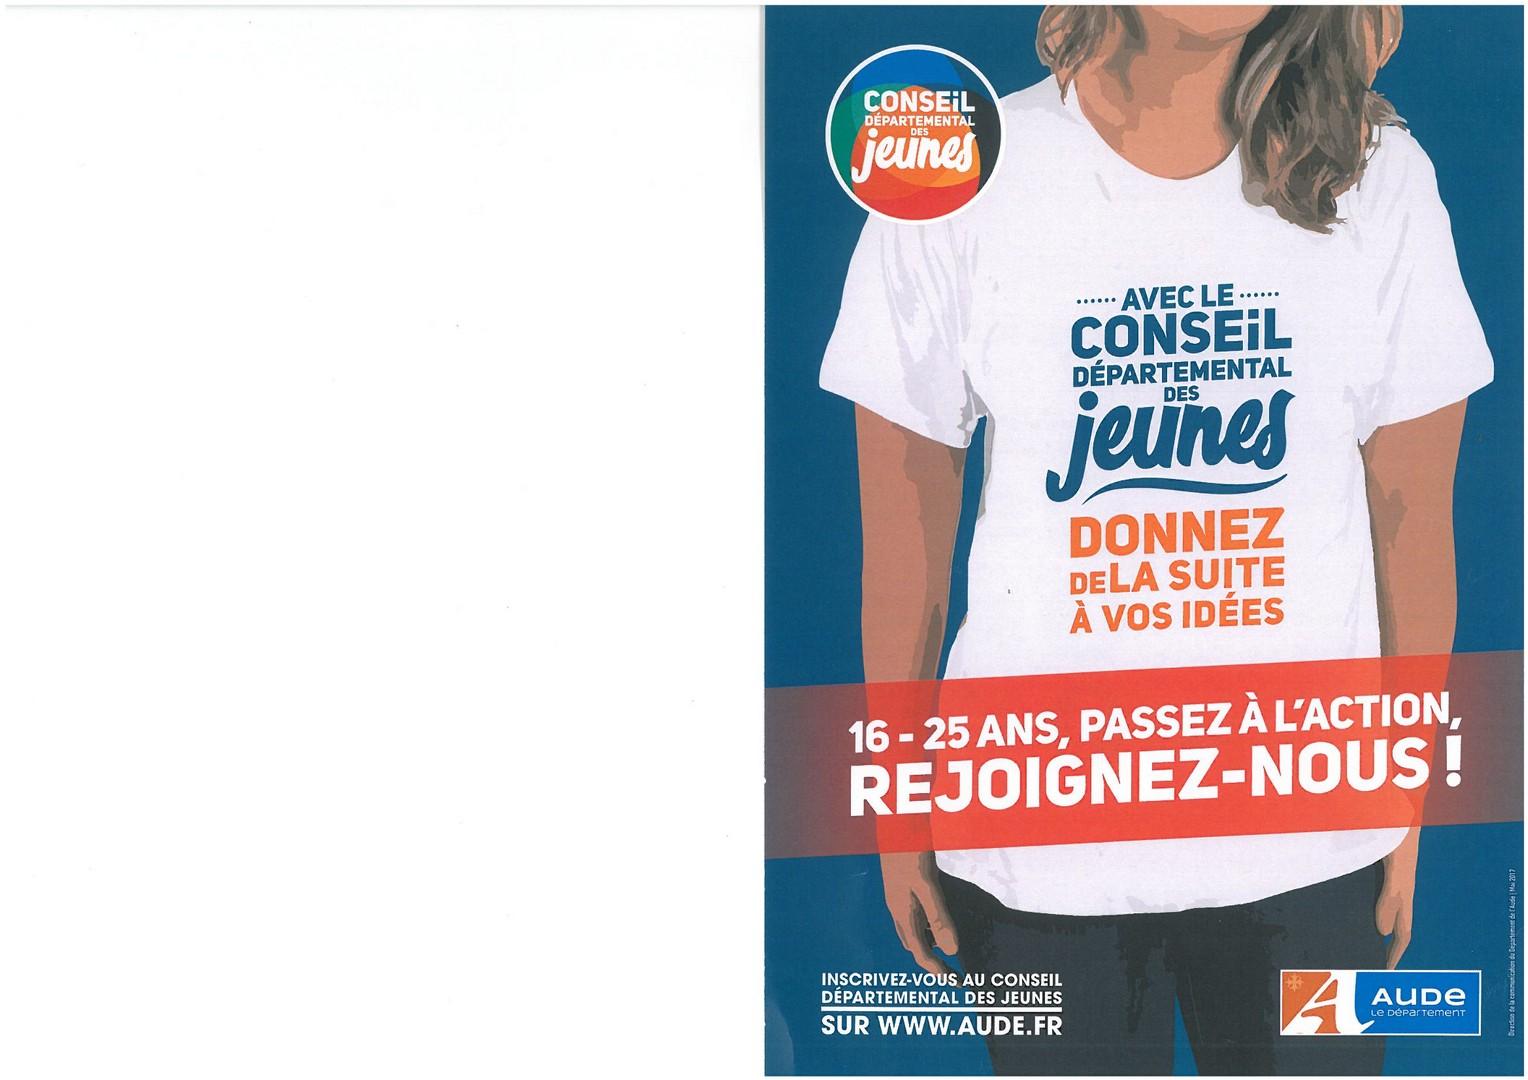 Le Conseil Departemental Des Jeunes De LAude Est Un Espace Parole Et Daction